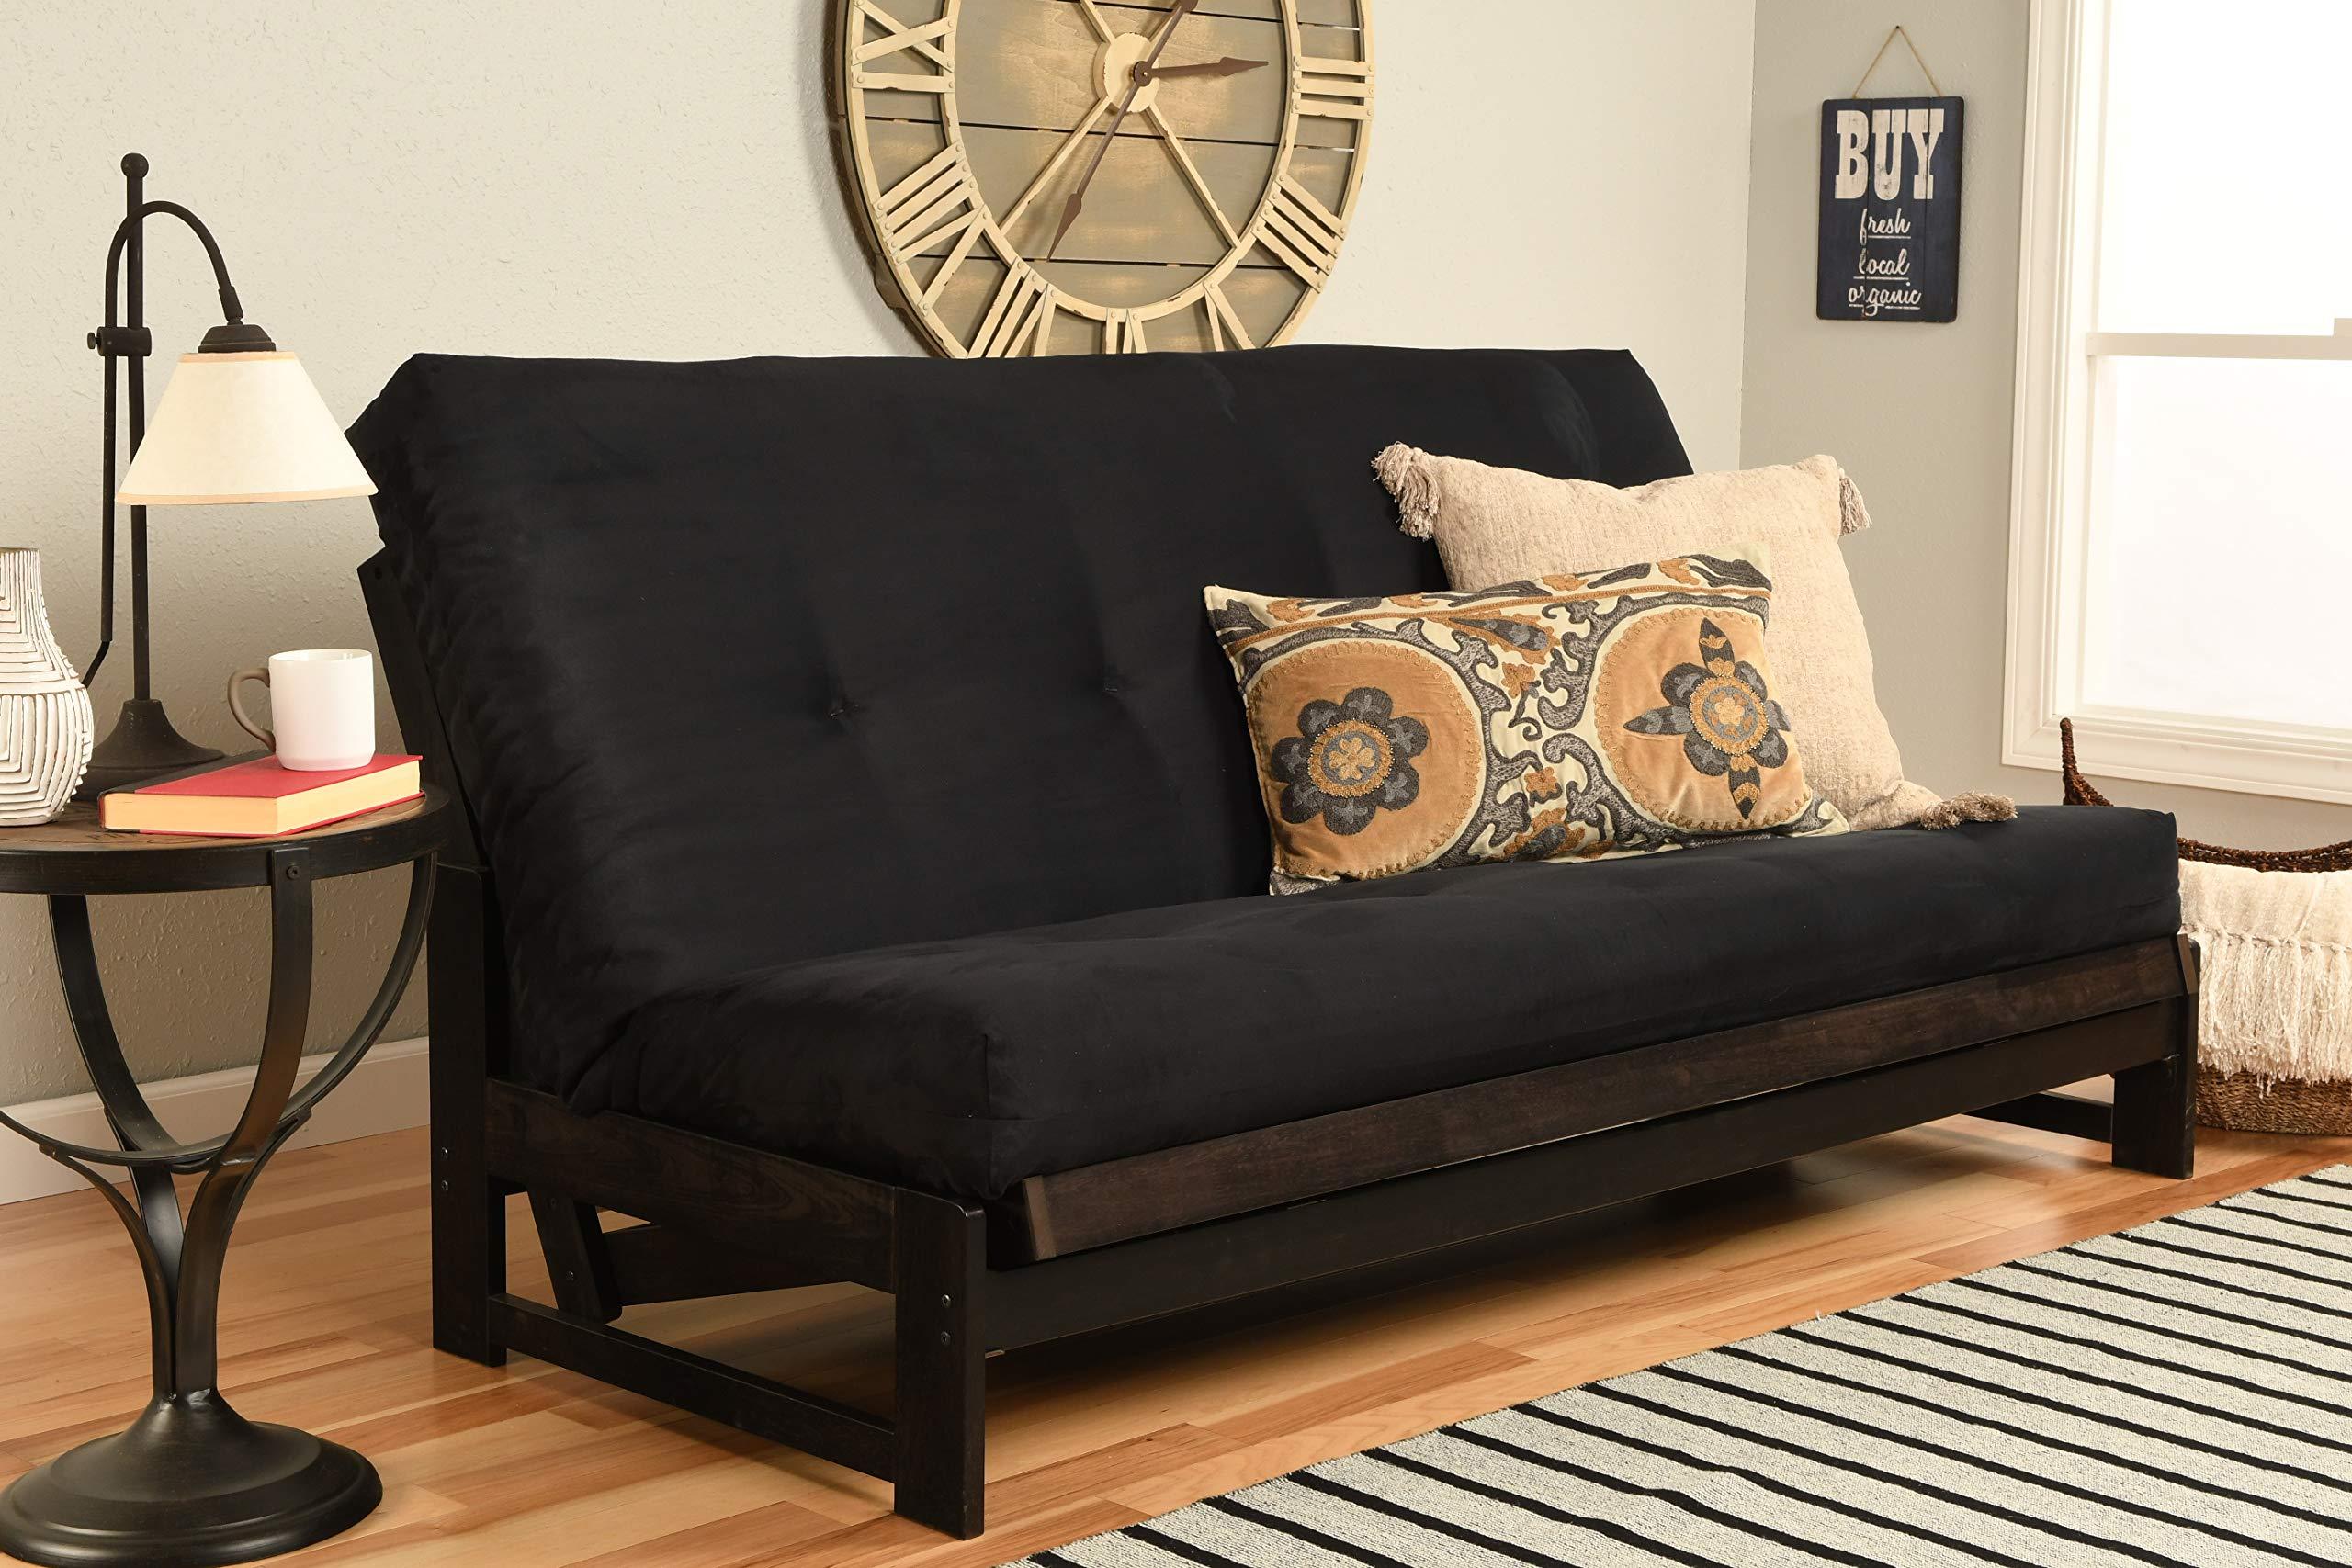 Kodiak Aspen Futon Set with Reclaim Mocha Finish by Kodiak Furniture